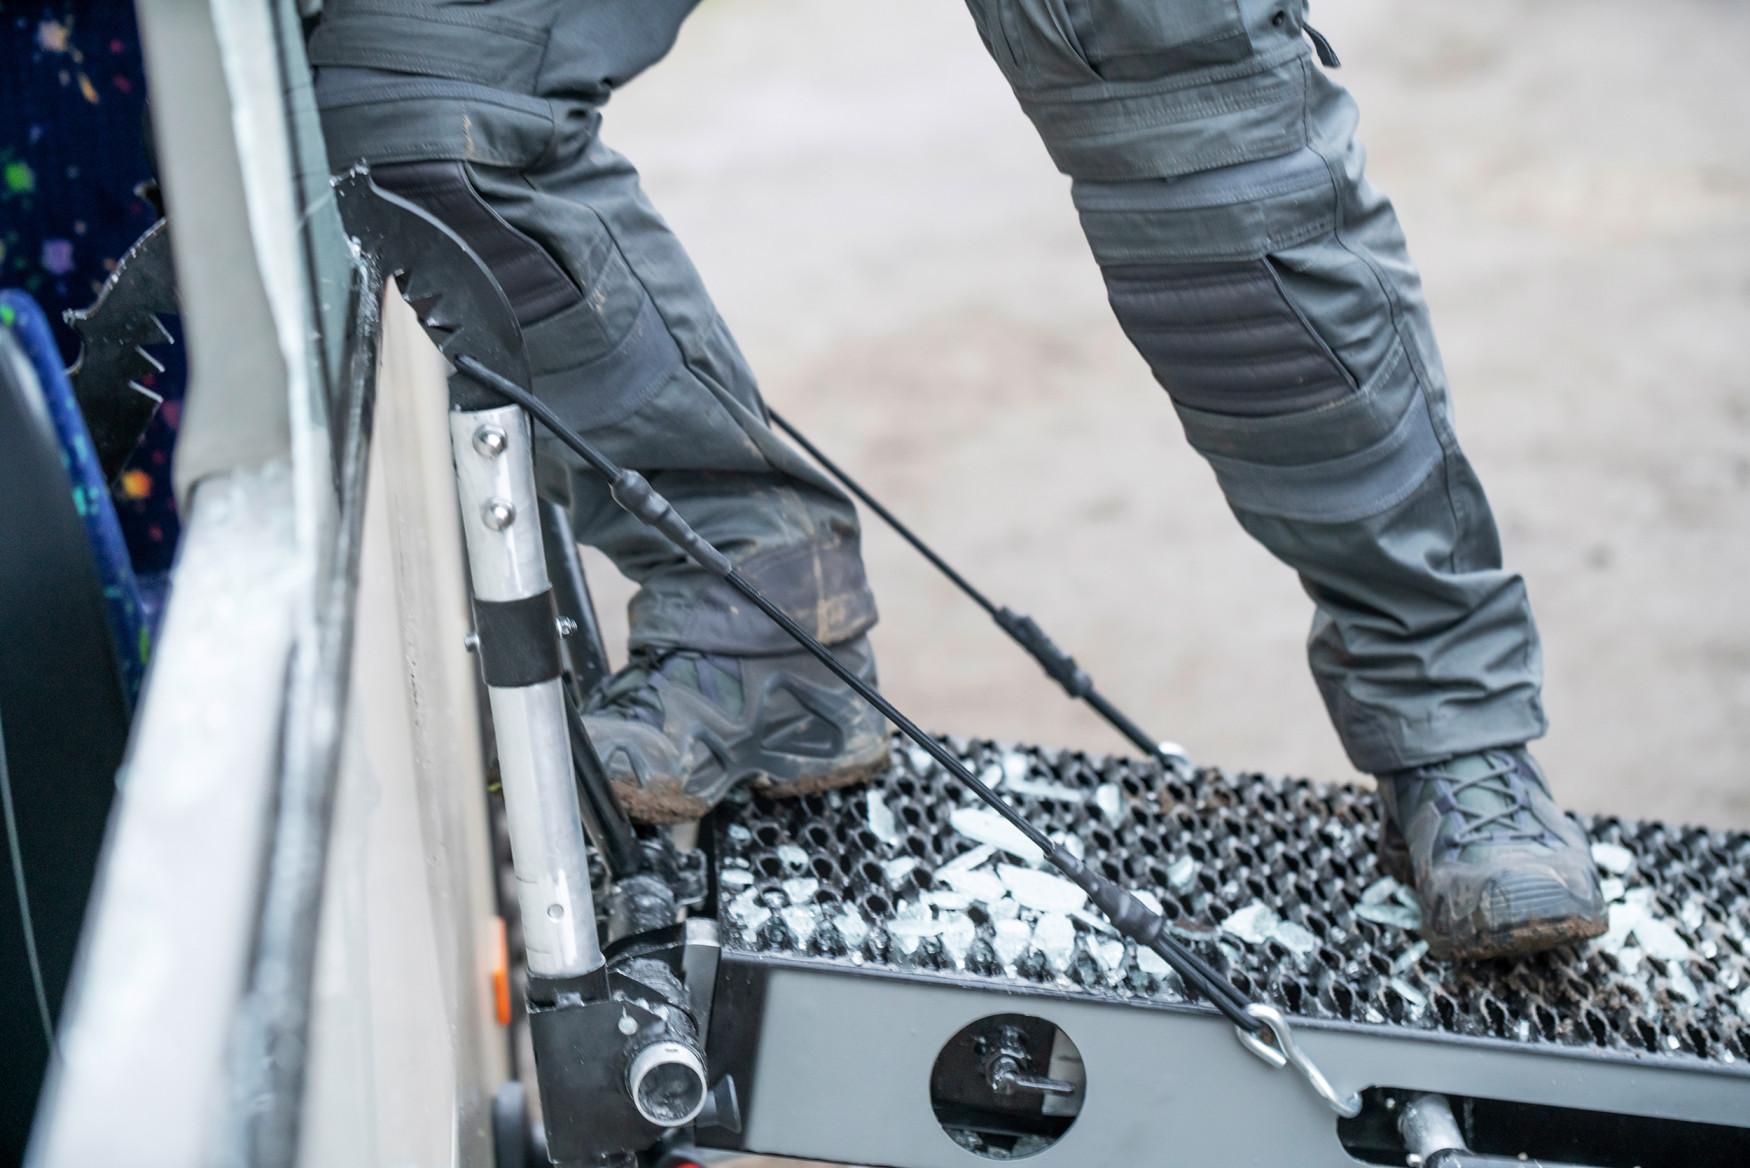 Die Damenversion der Elite: Der ELITE EVO N GTX Ws vereint ideale Passform mit überragender Funktionalität. Der leichtgewichtige Schuh bietet durch die einsatzoptimierte Gummimischung und Profilierung der Laufsohle maximale Rutschhemmung auch im Gelände. Der wärme- und kälteisolierende Sohlenkomplex des zertifizierten Modells bietet zudem öl- und kraftstoffbeständige Eigenschaften und ist resistent gegen Kontaktwärme. Die intelligent angebrachten, großflächigen Textilgewebefenster im seitlichen Fuß- und Schaftbereich lassen selbst bei sommerlicher Hitze Luft im Schuh zirkulieren. Die eingearbeitete feuchtigkeitsableitende GORE-TEX-Membran sorgt zusätzlich für durchgängigen Schutz vor Nässe von außen. Aus strapazierfähigem Nubukleder gefertigt, antistatisch, neubesohlbar und mit 2-Zonen-Schnürung versehen verspricht der ELITE EVO N GTX Ws hervorragenden Tragekomfort bei langer Lebensdauer.